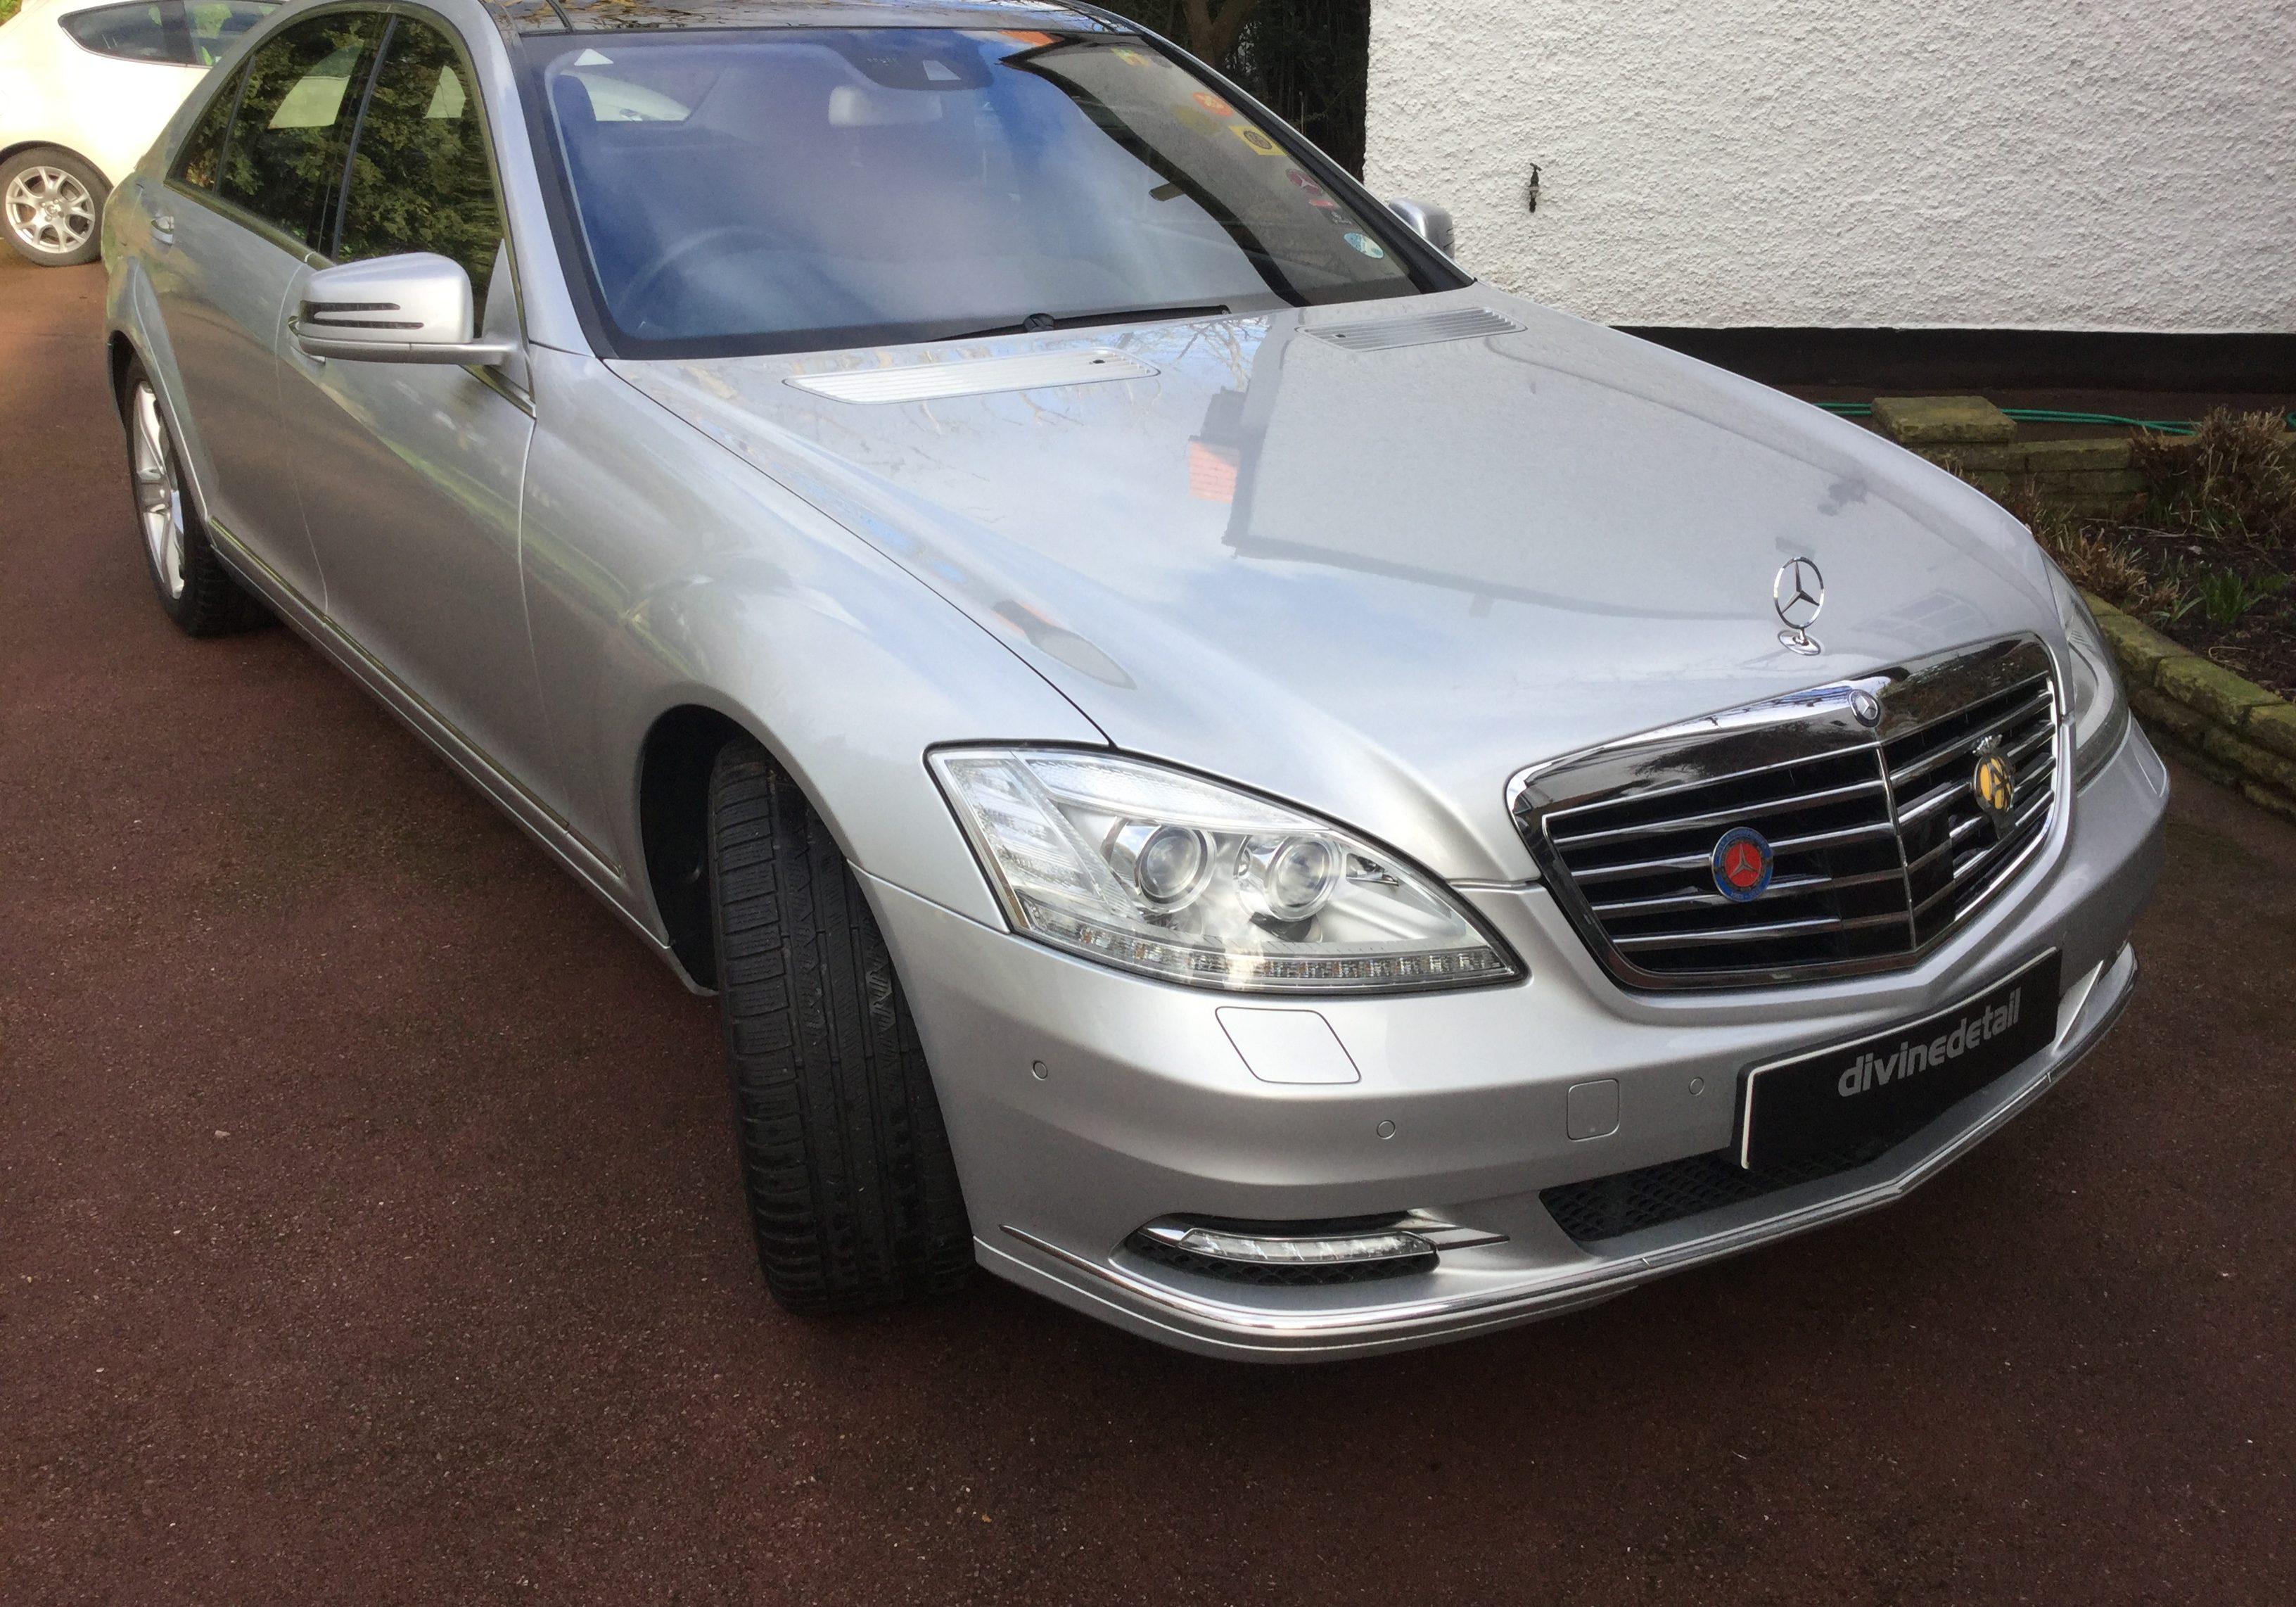 Mercedes S class detail